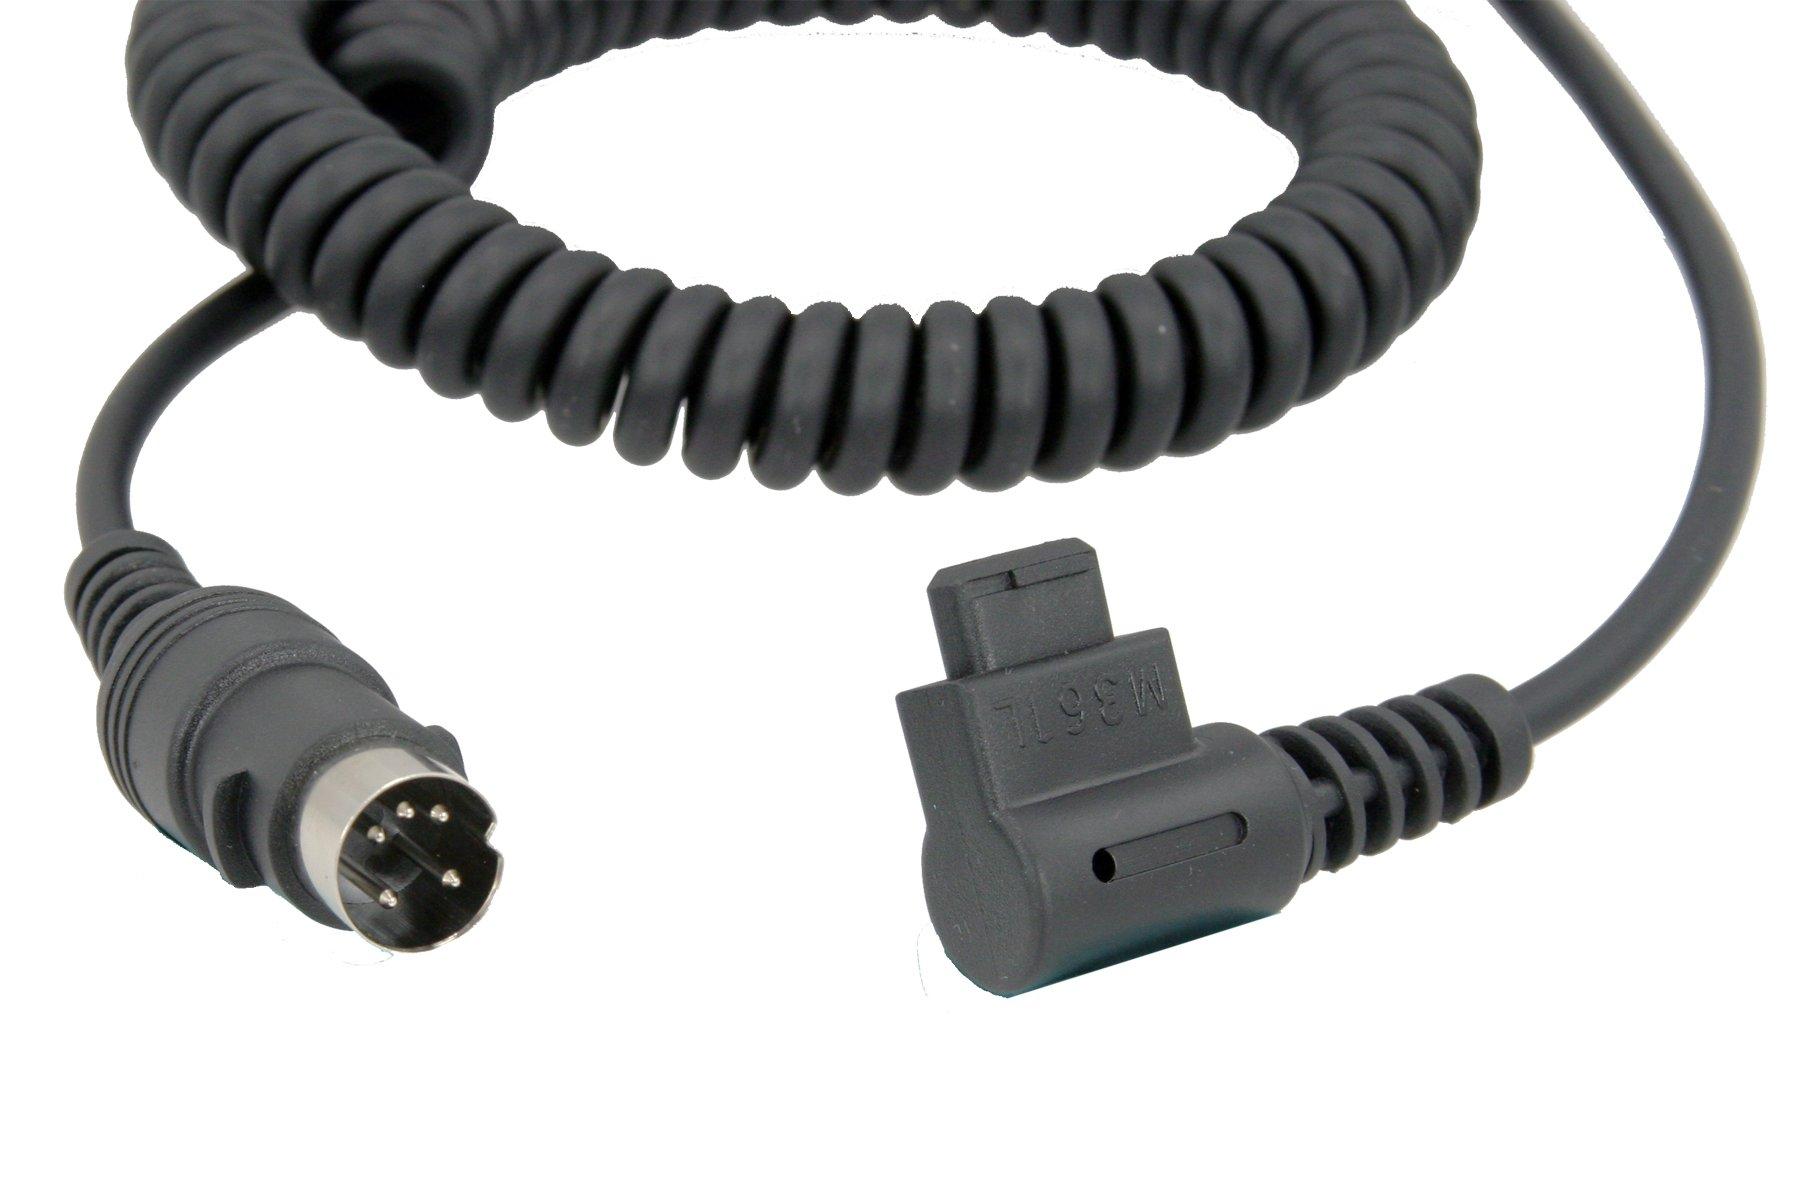 Quantum CZ2 Locking Flash Cable for Turbo Battery (Fits Canon 430EZ, 480G, 540EZ, 550EX, 580EX, 580EX II, MR-14EX, MT-24EX) by Quantum